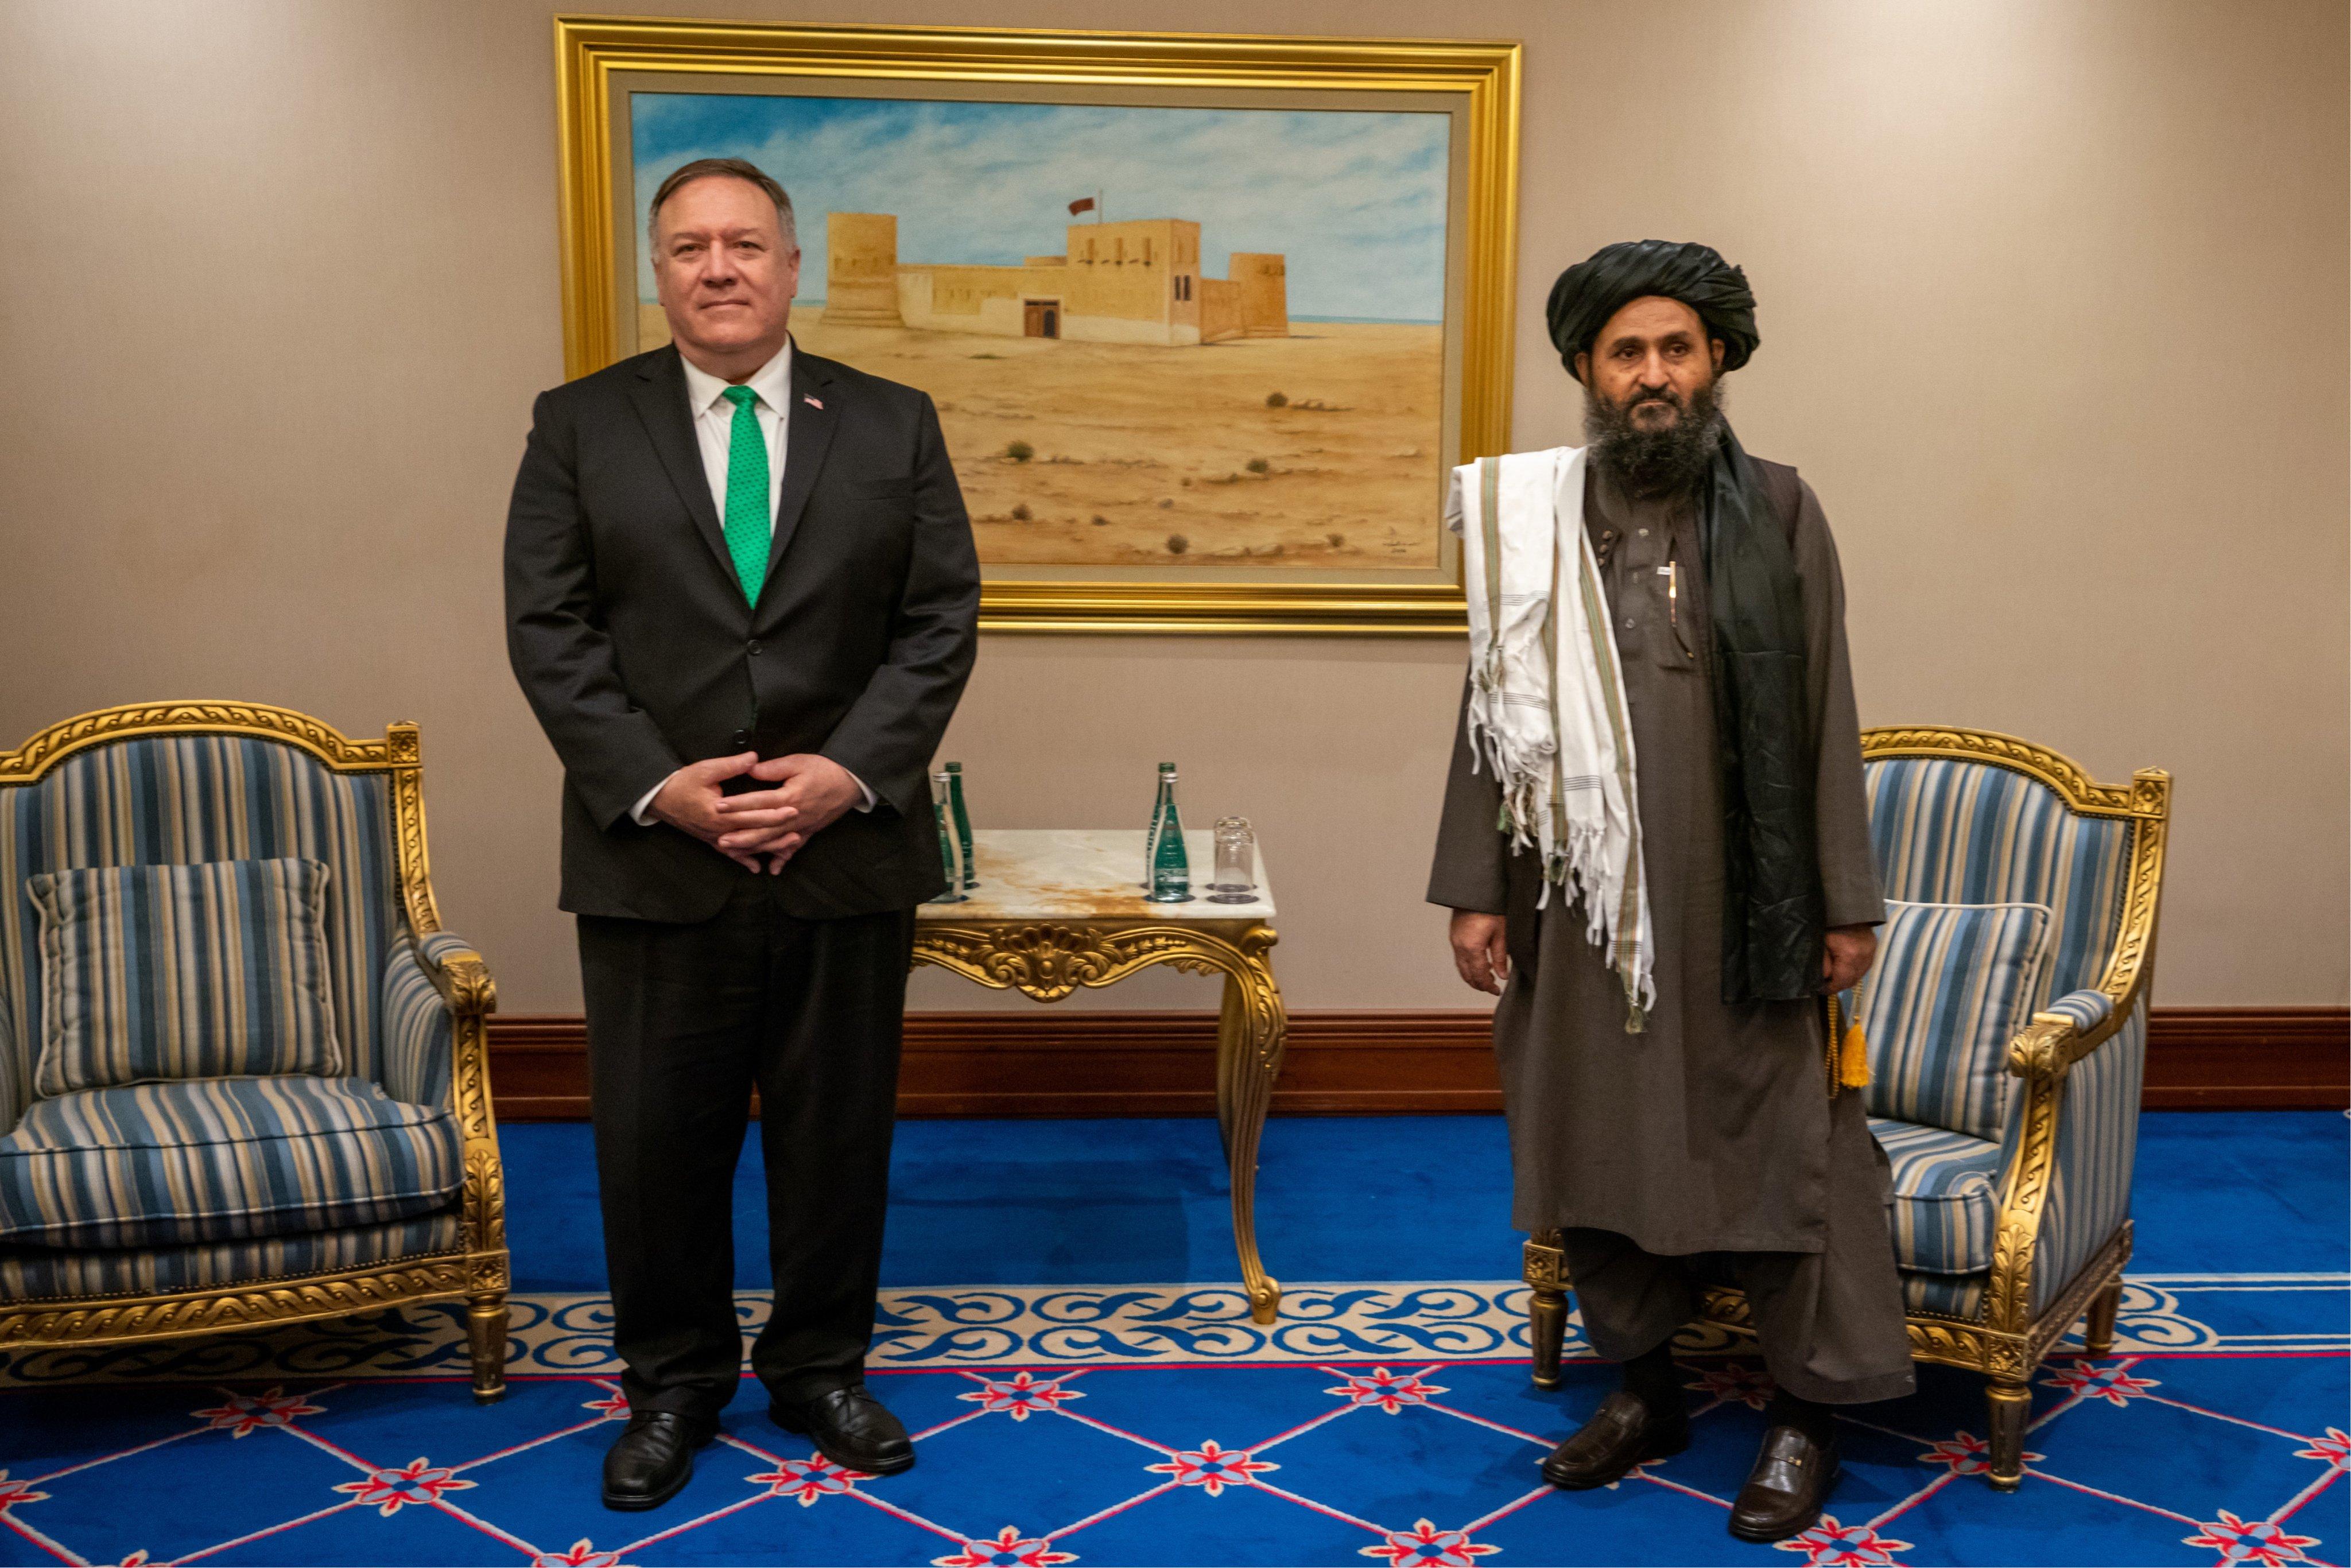 O então secretário de Estado dos EUA, Mike Pompeo, em encontro com o líder político do Talibã, Abdul Ghani Baradar, antes da negociações de paz no Afeganistão. Em Doha, Qatar, setembro de 2020